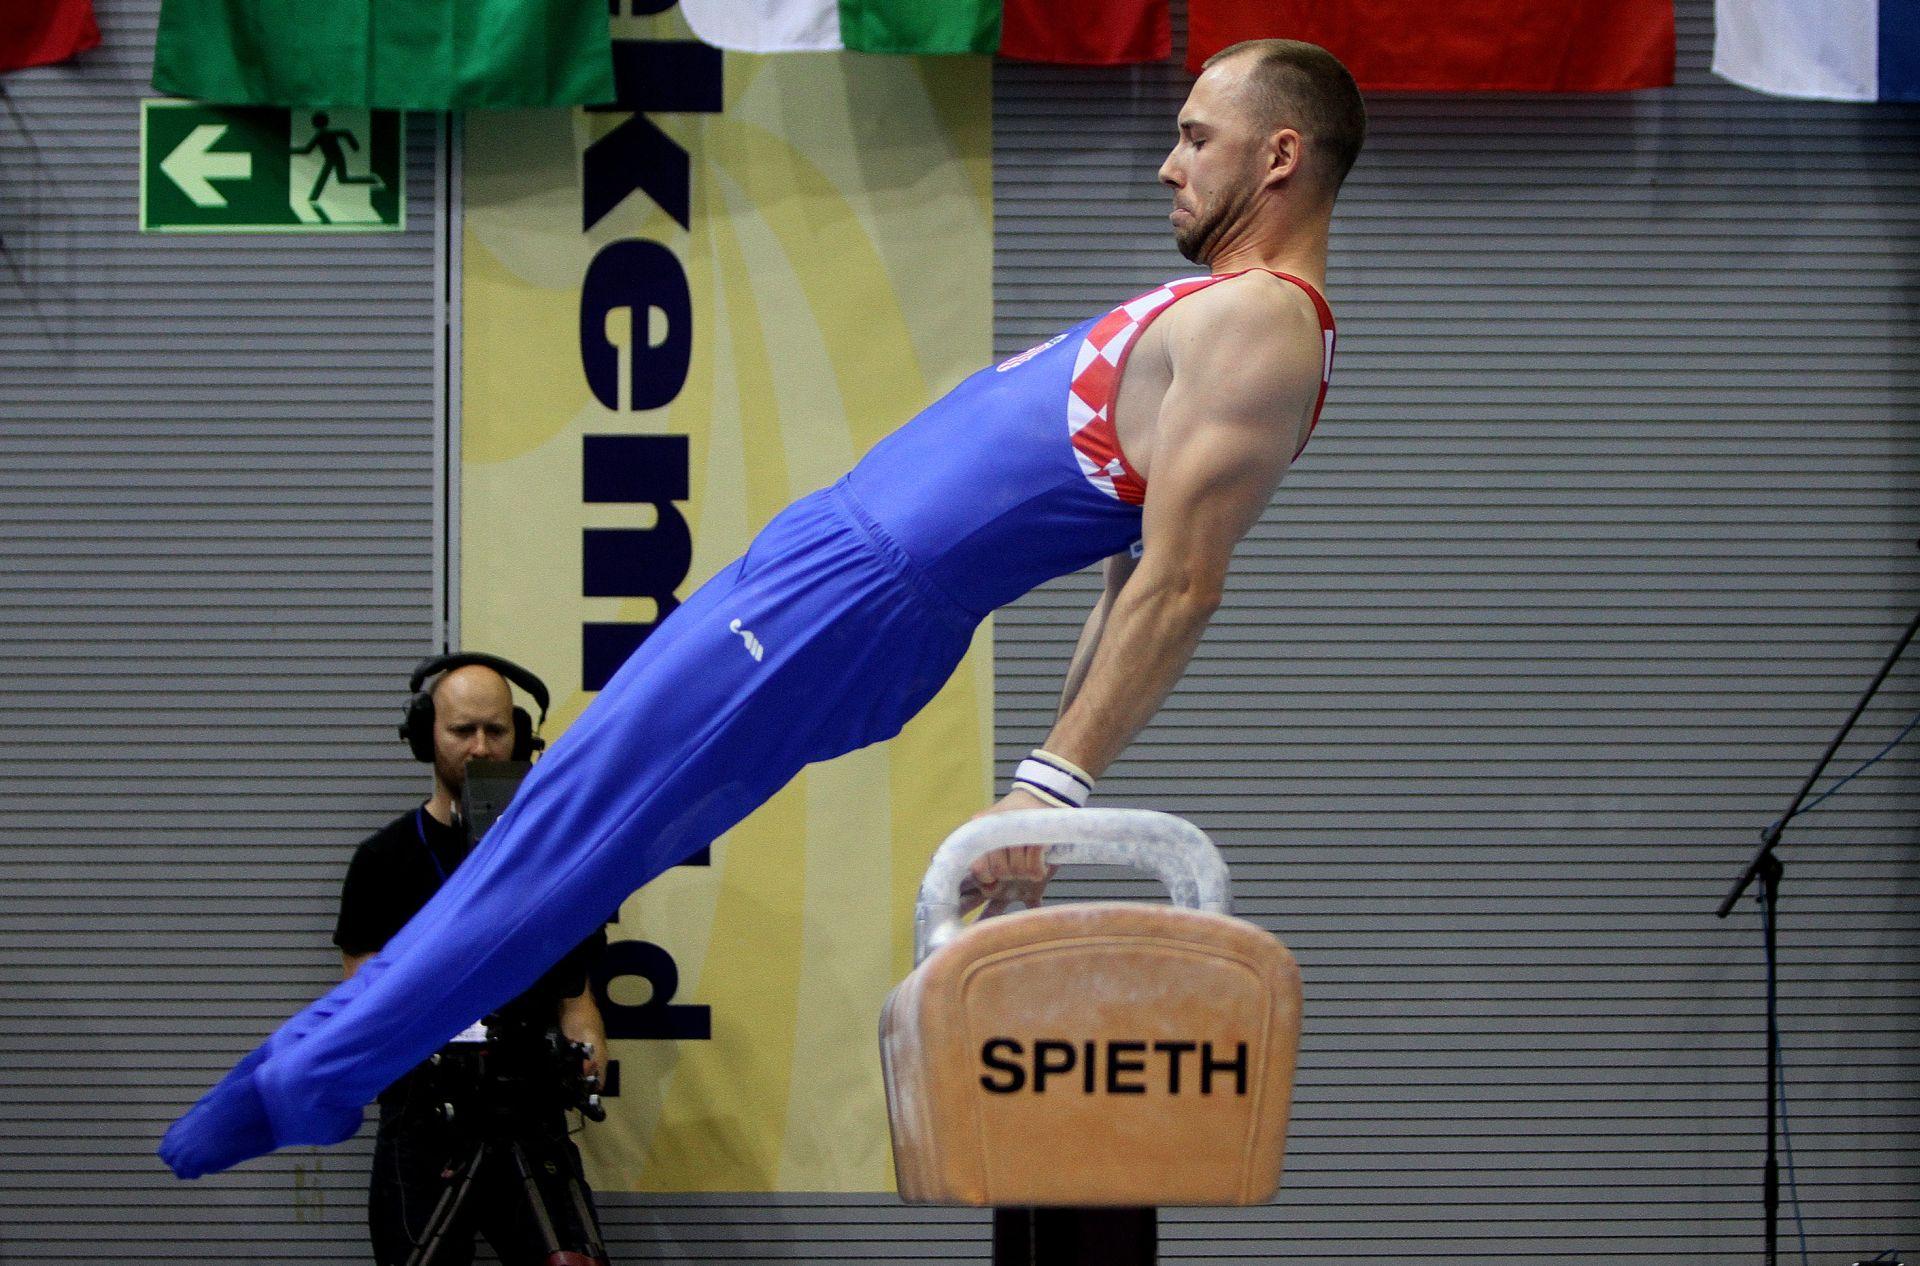 Gimnastika: Vugrinski treći, Seligman četvrti na konju s hvataljkama